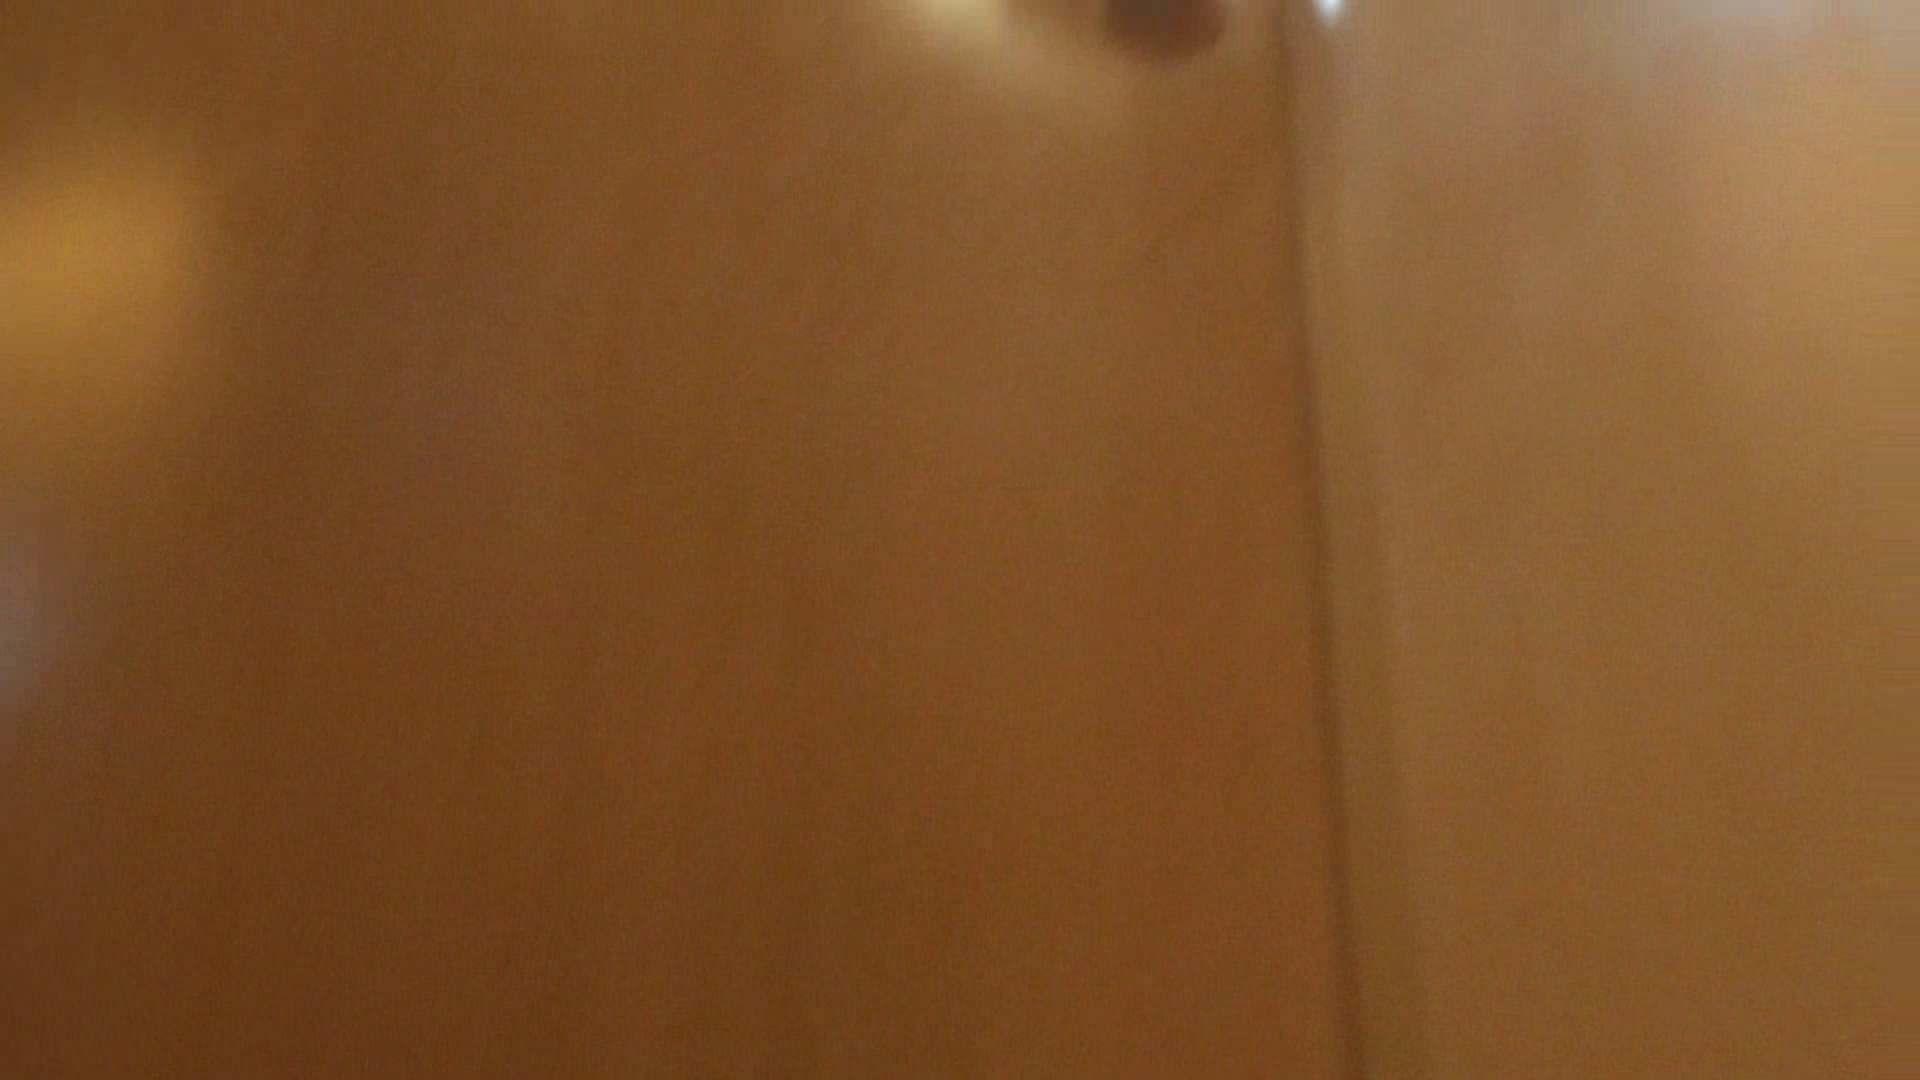 「噂」の国の厠観察日記2 Vol.02 人気シリーズ AV無料動画キャプチャ 96枚 80